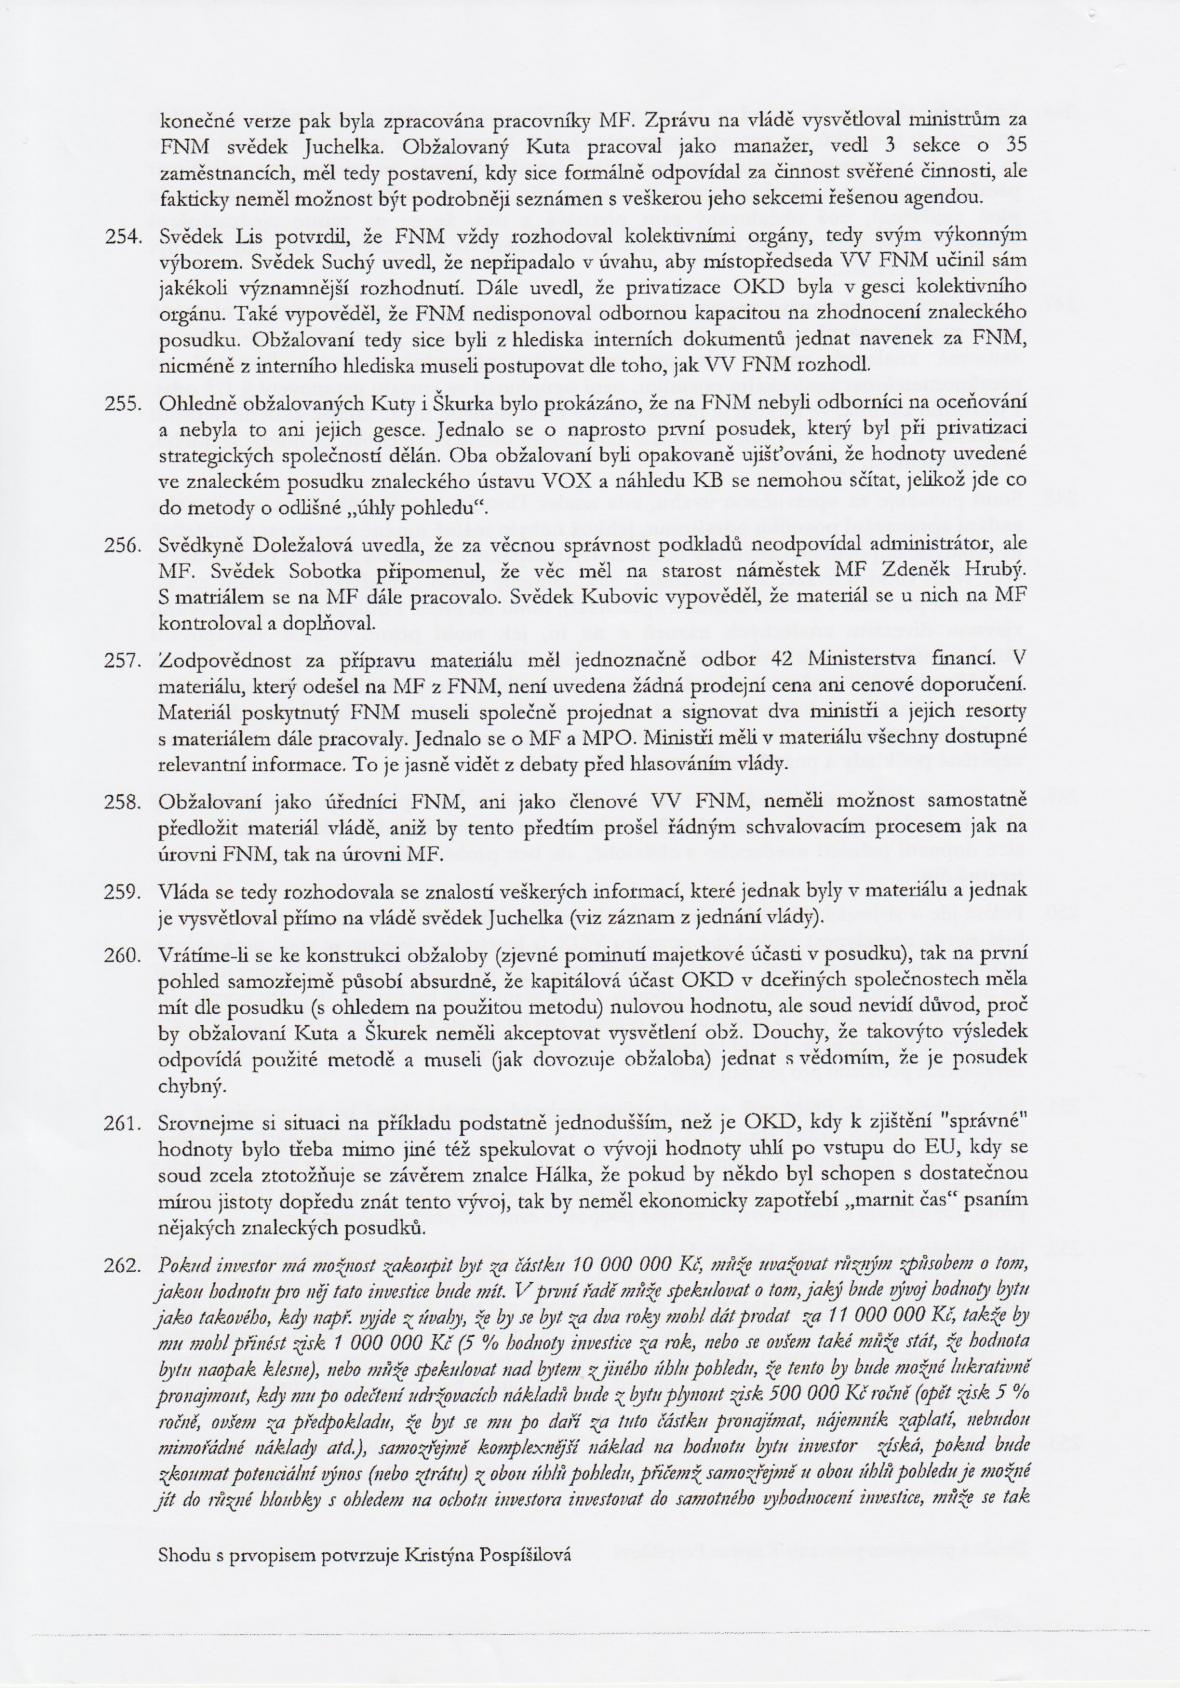 Rozsudek v kauze OKD – strana 34